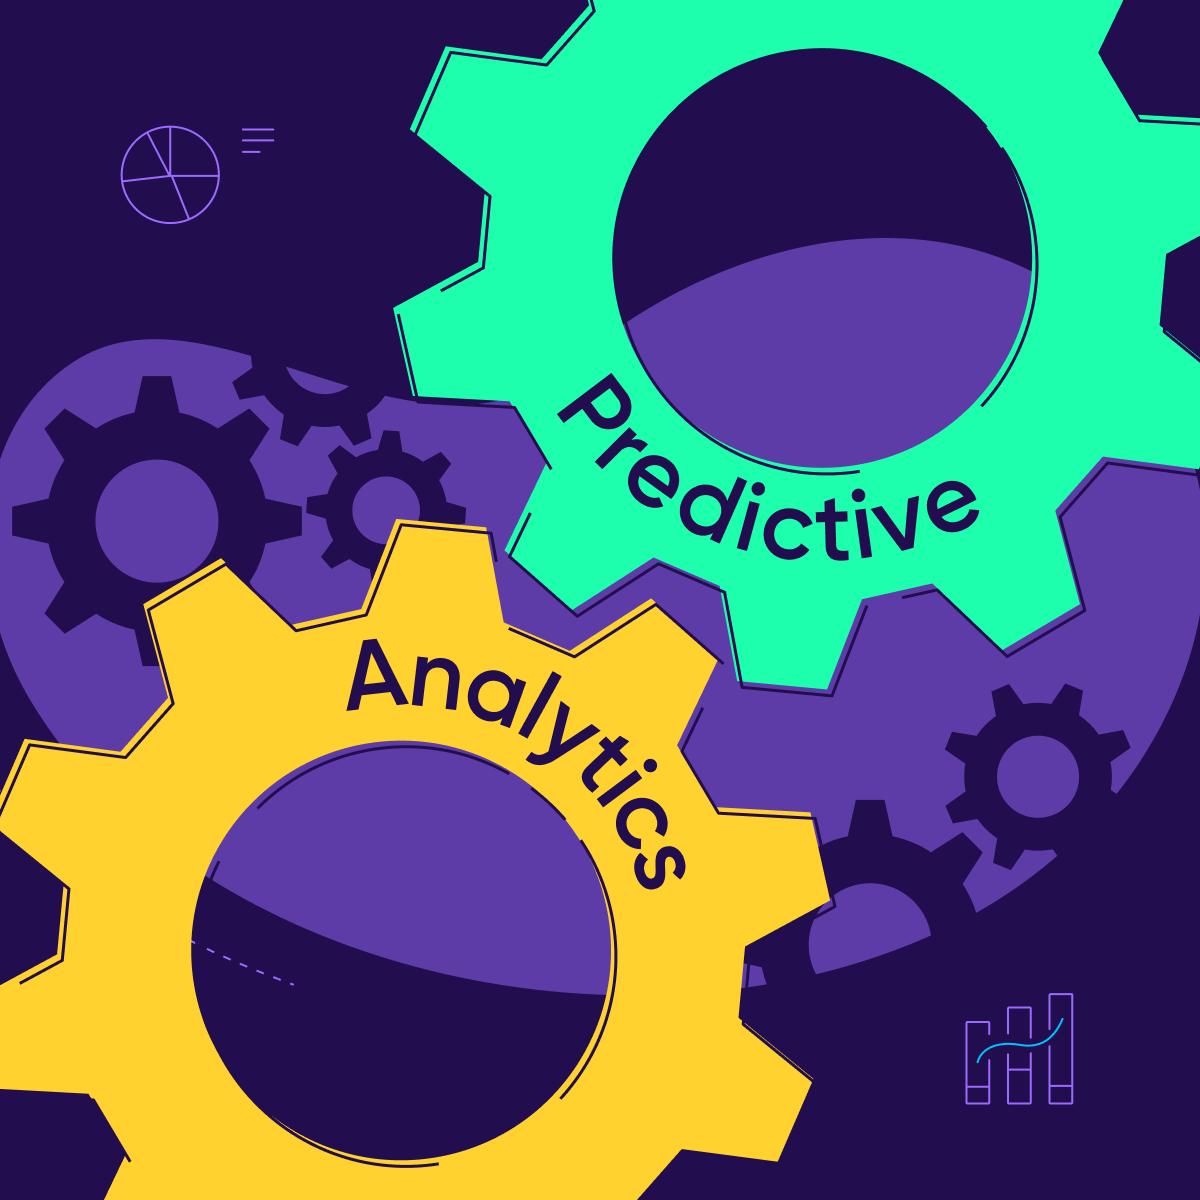 predictive marketing user privacy - square